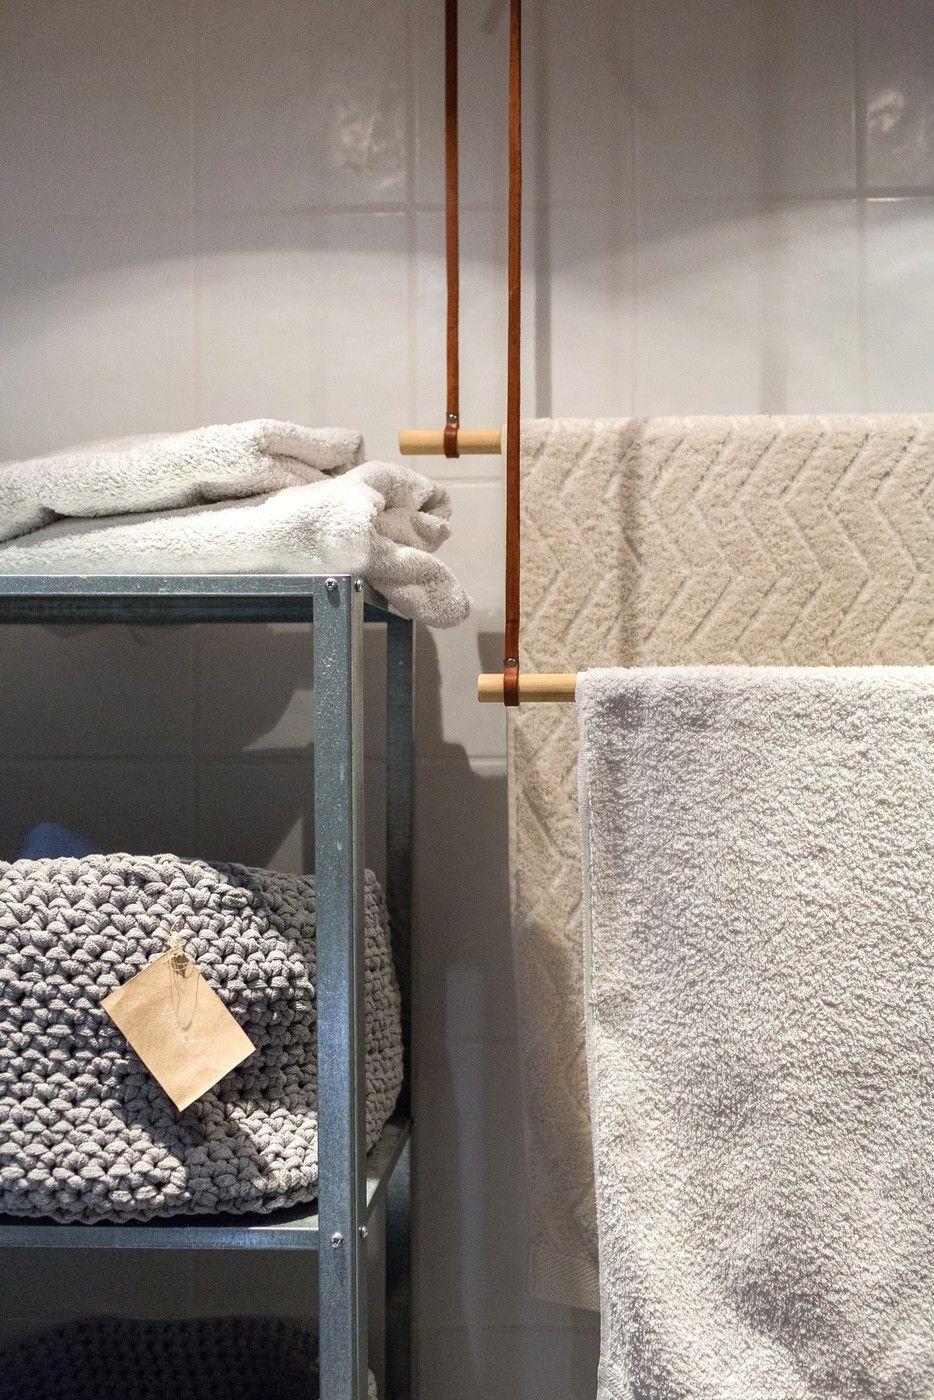 diy-vinkki pyyhetanko kestävä ekologinen sisustus koti - modernekohome | Lily.fi